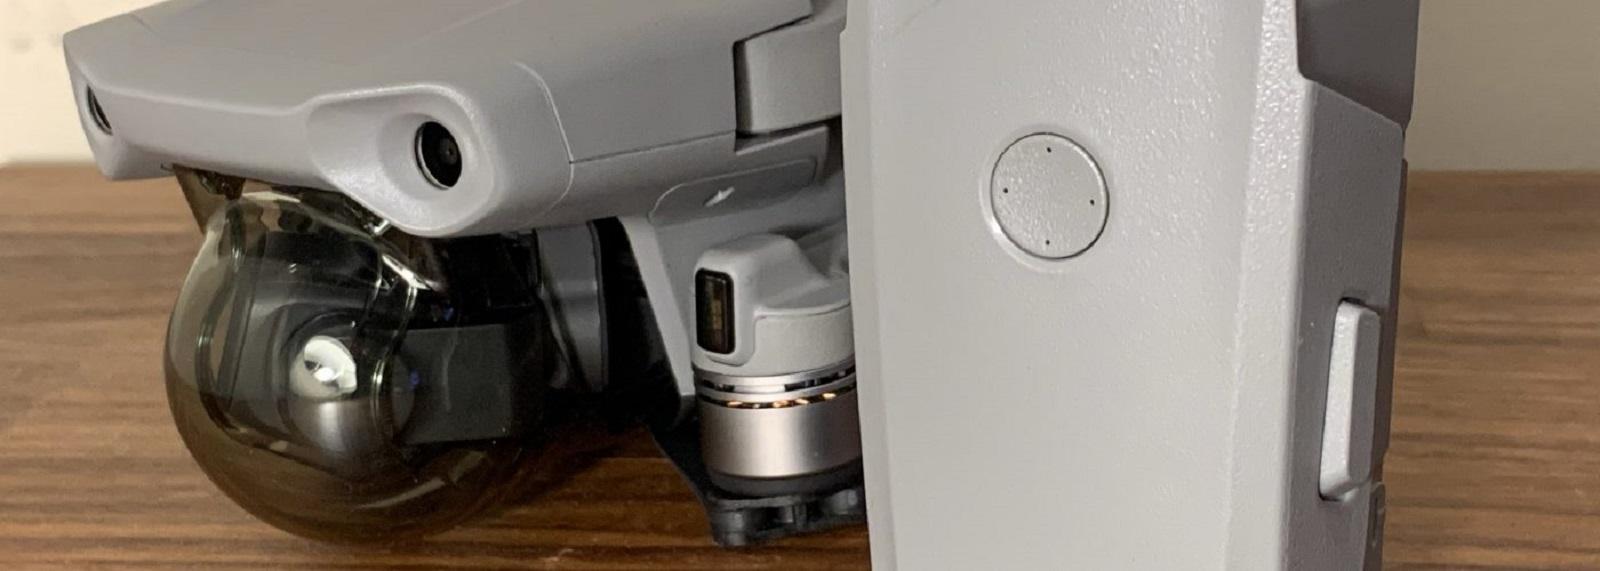 Исправлена проблема с активацией батареи DJI Mavic Air 2